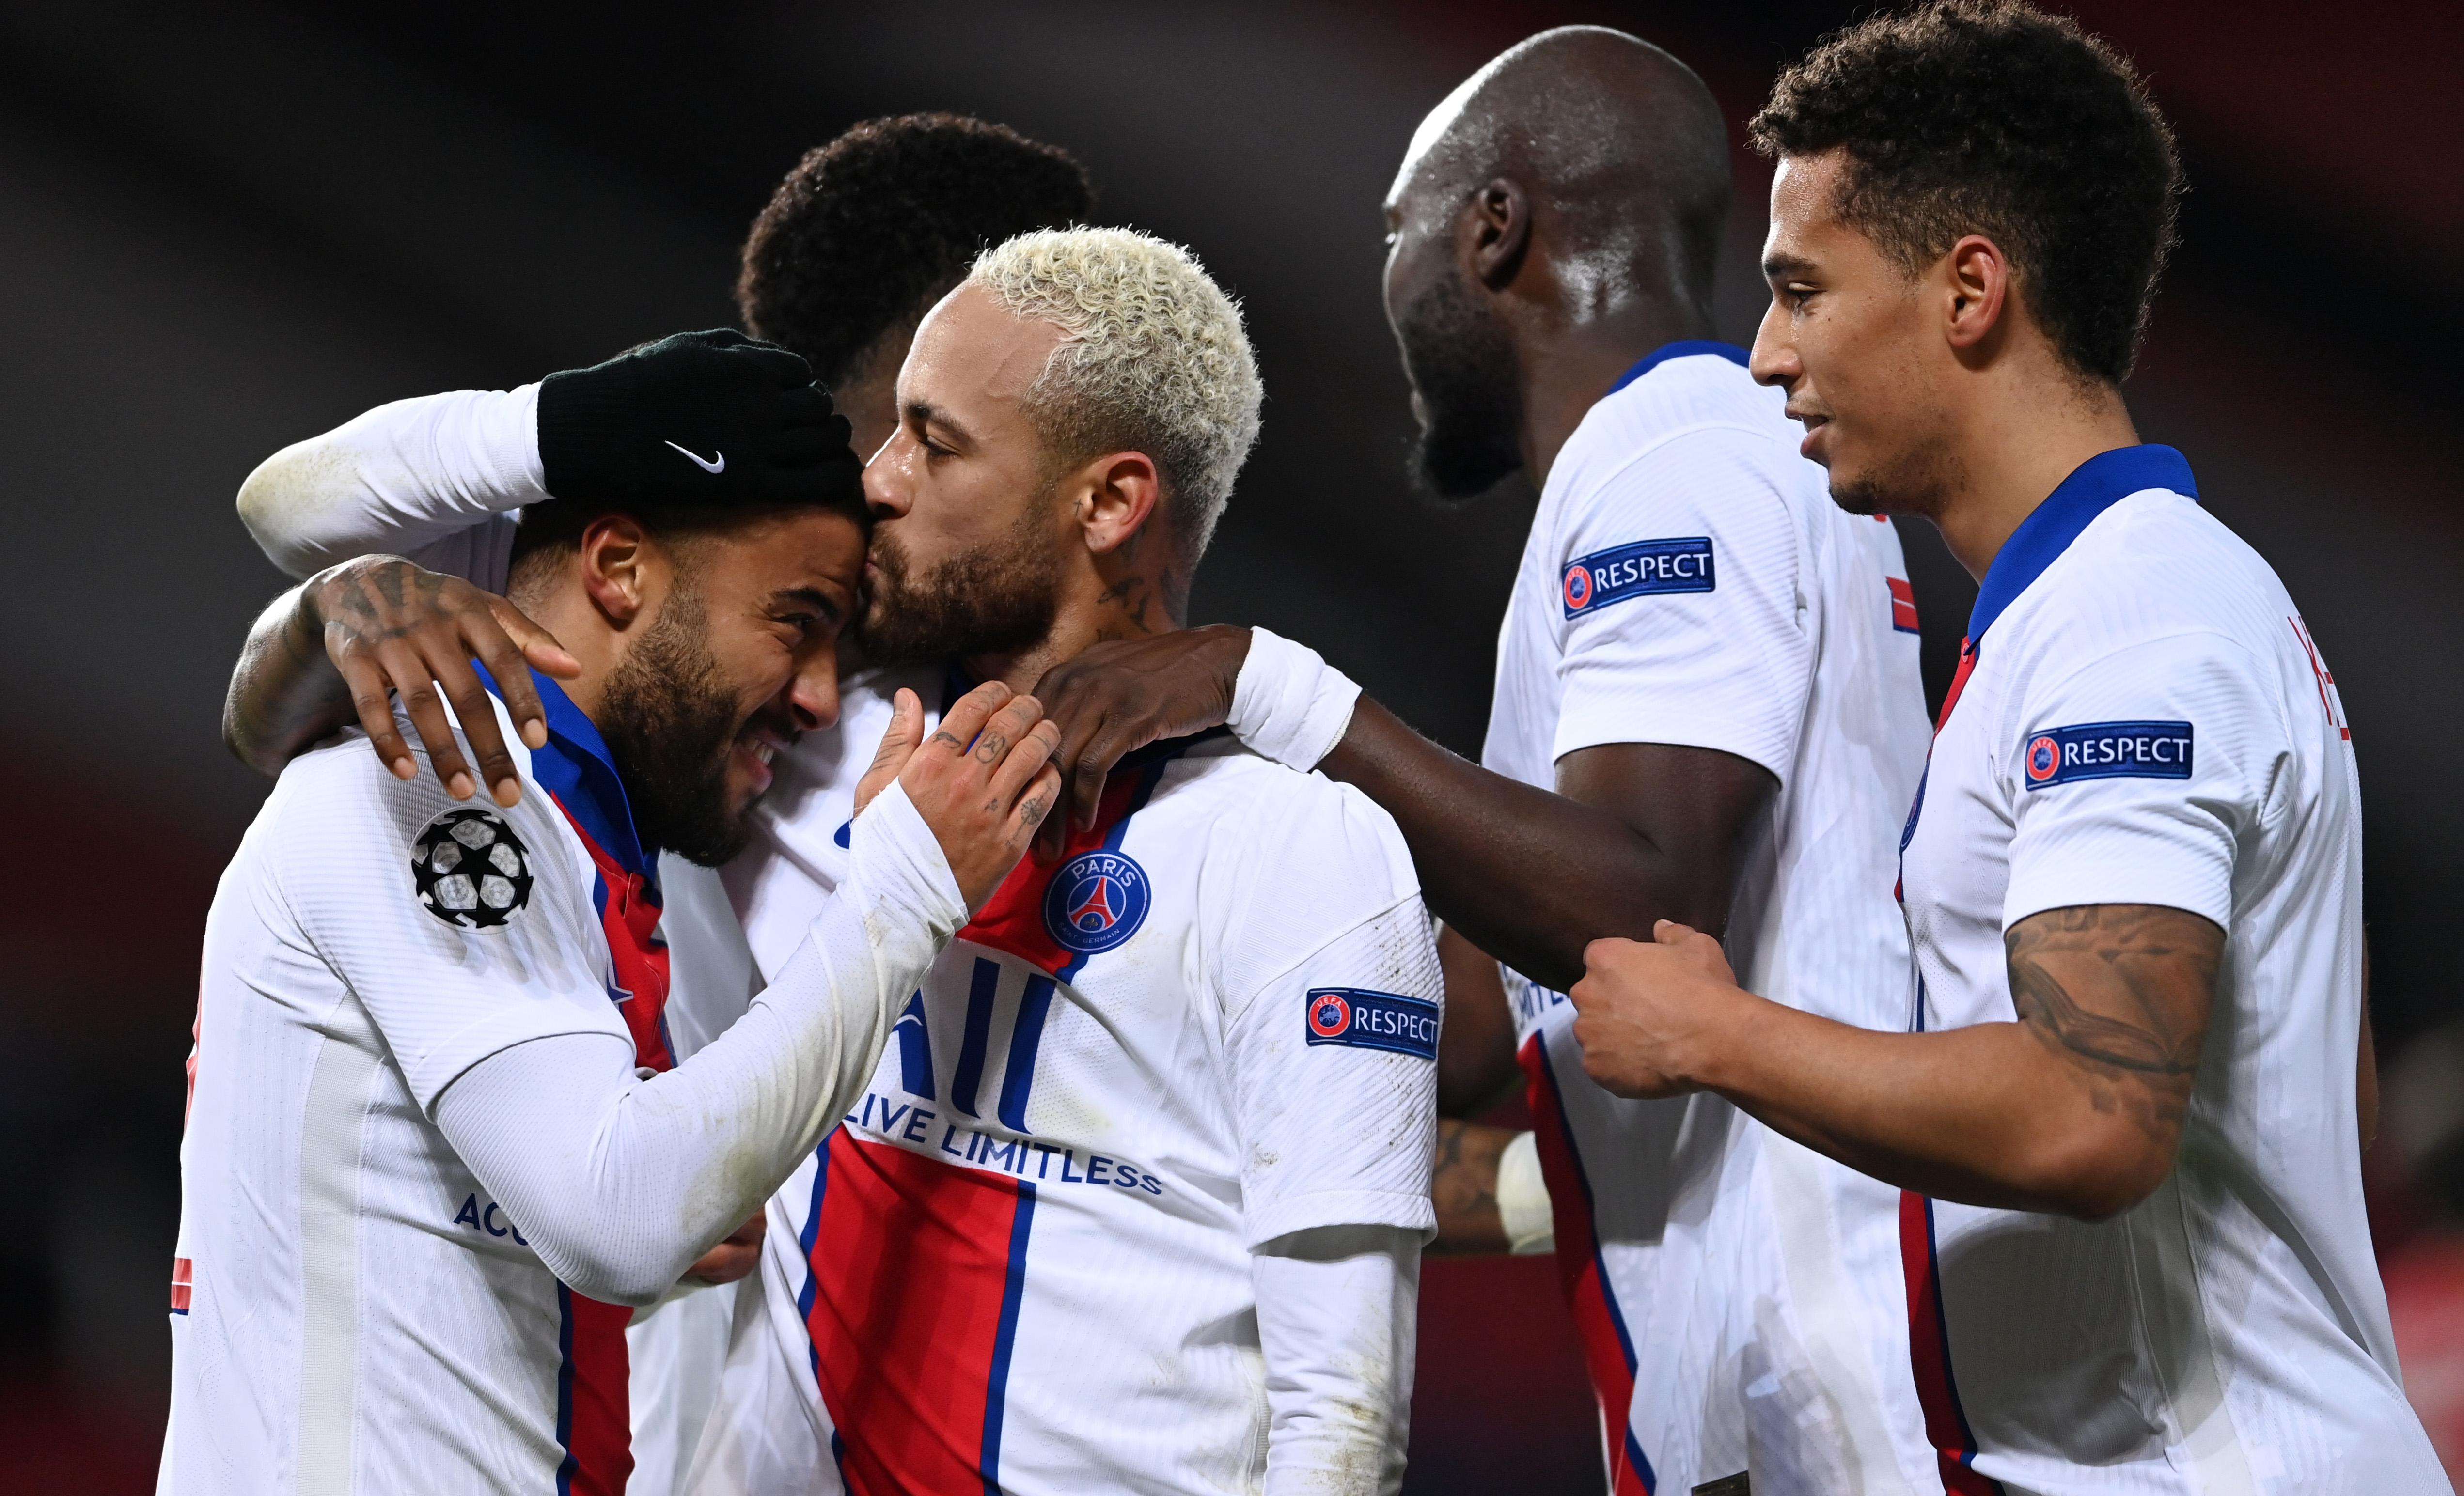 Paris Saint-Germain celebrates - UEFA Champions League